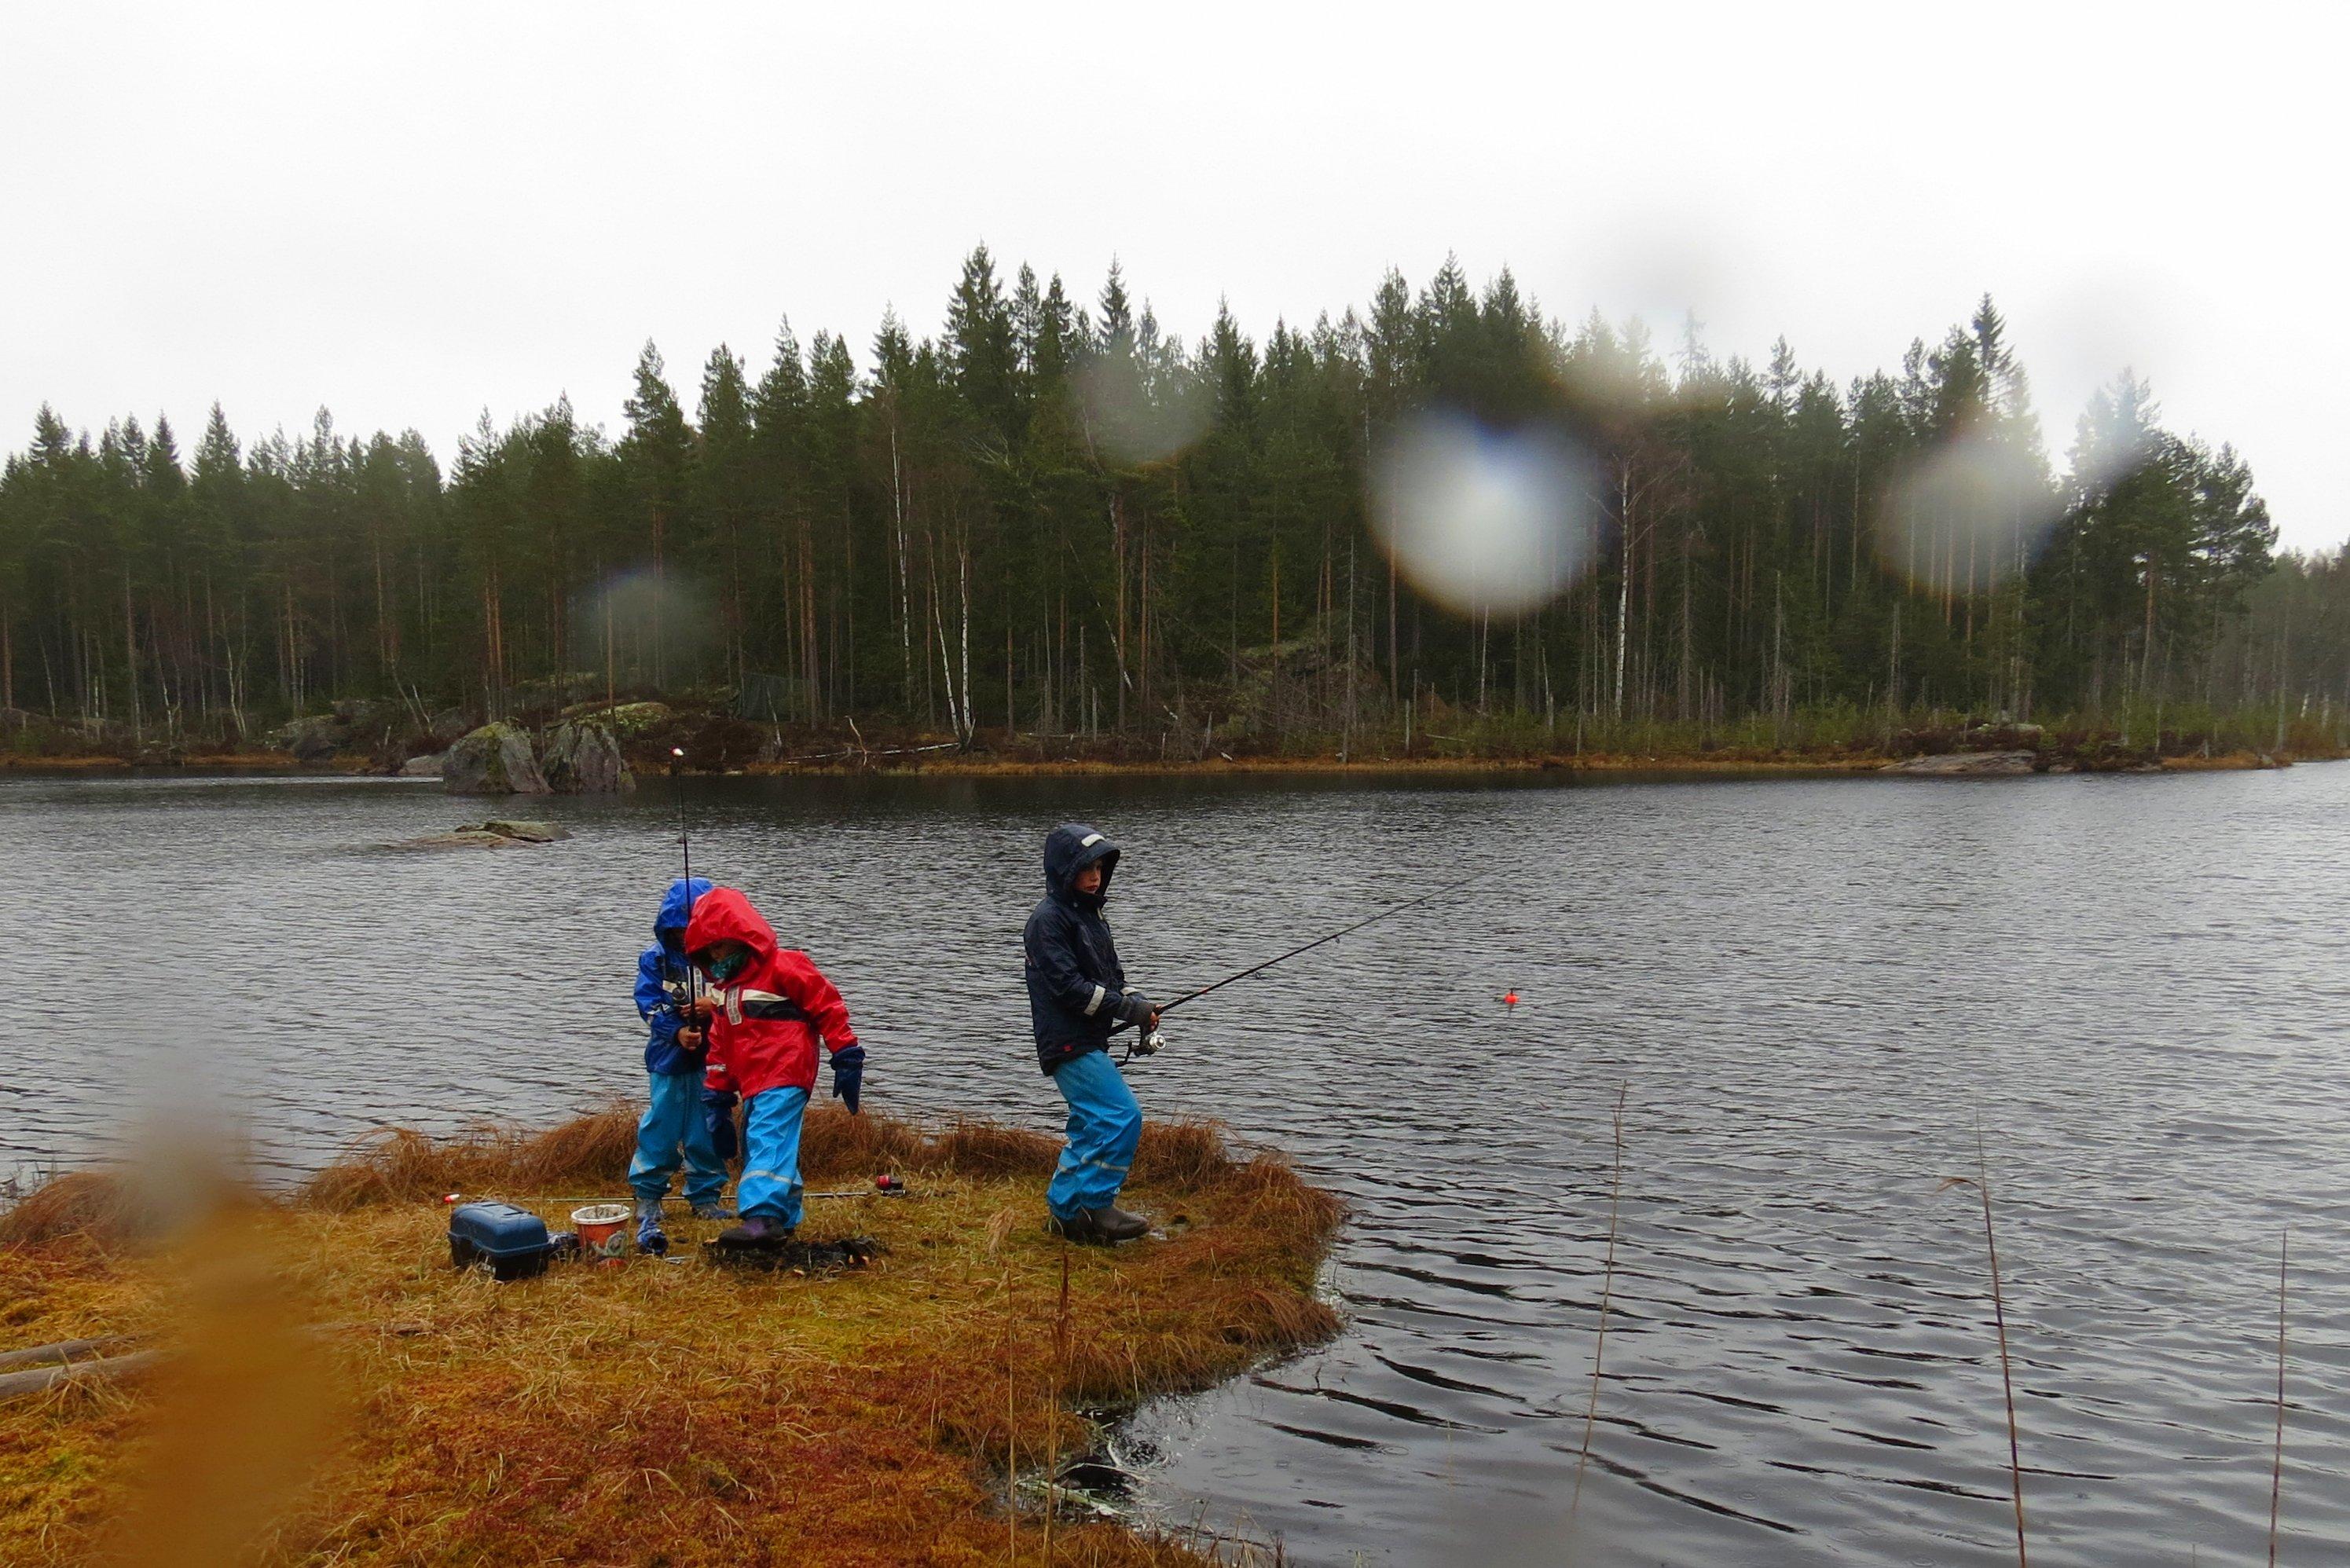 03-fisketur i regnvær 021